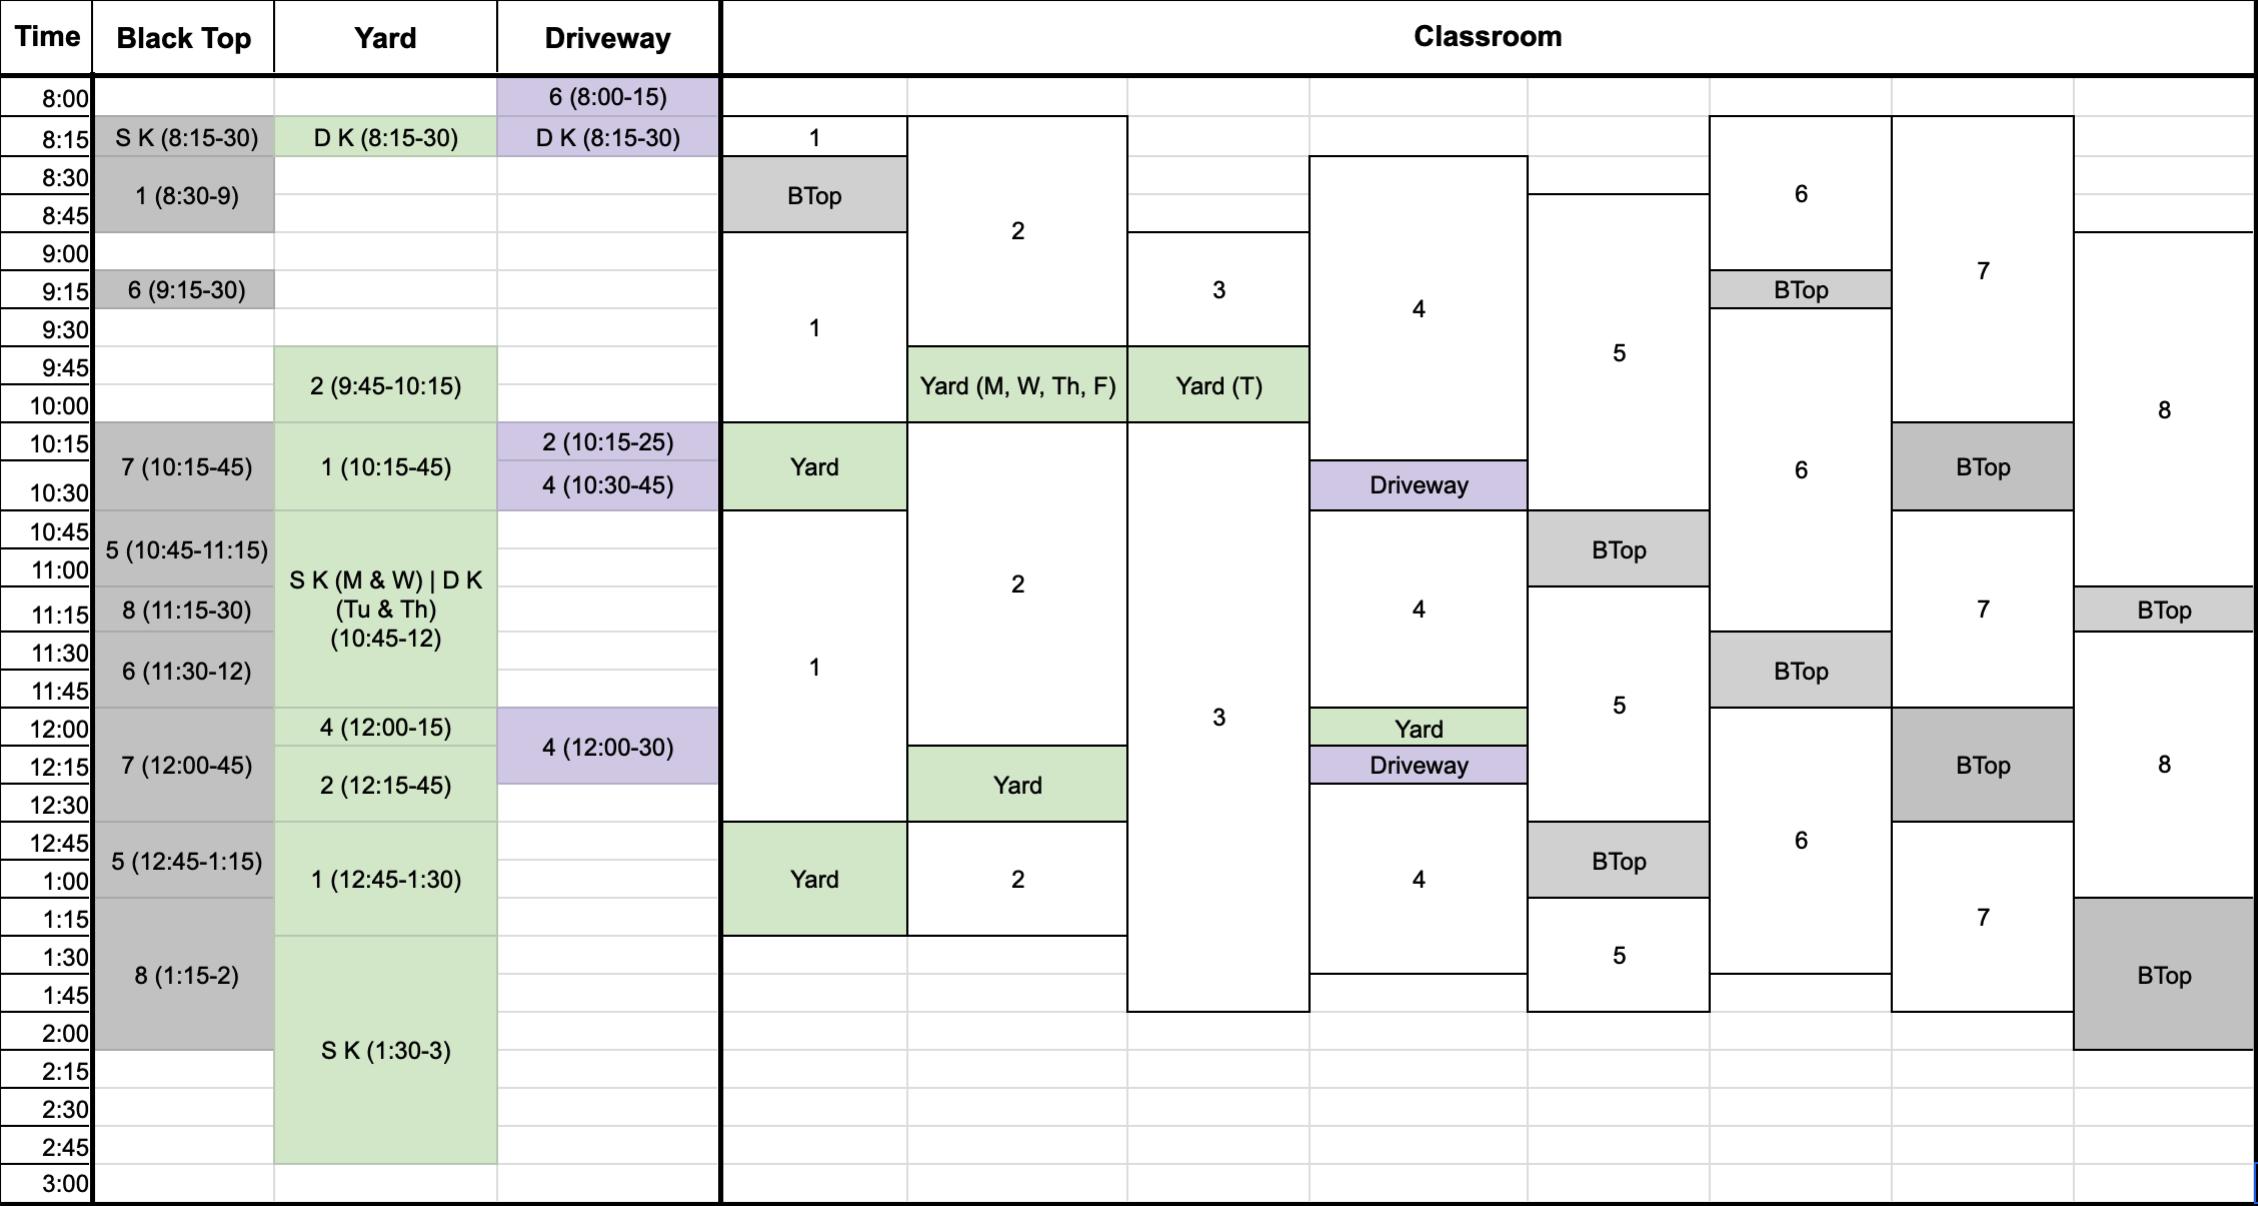 BRWS schedule